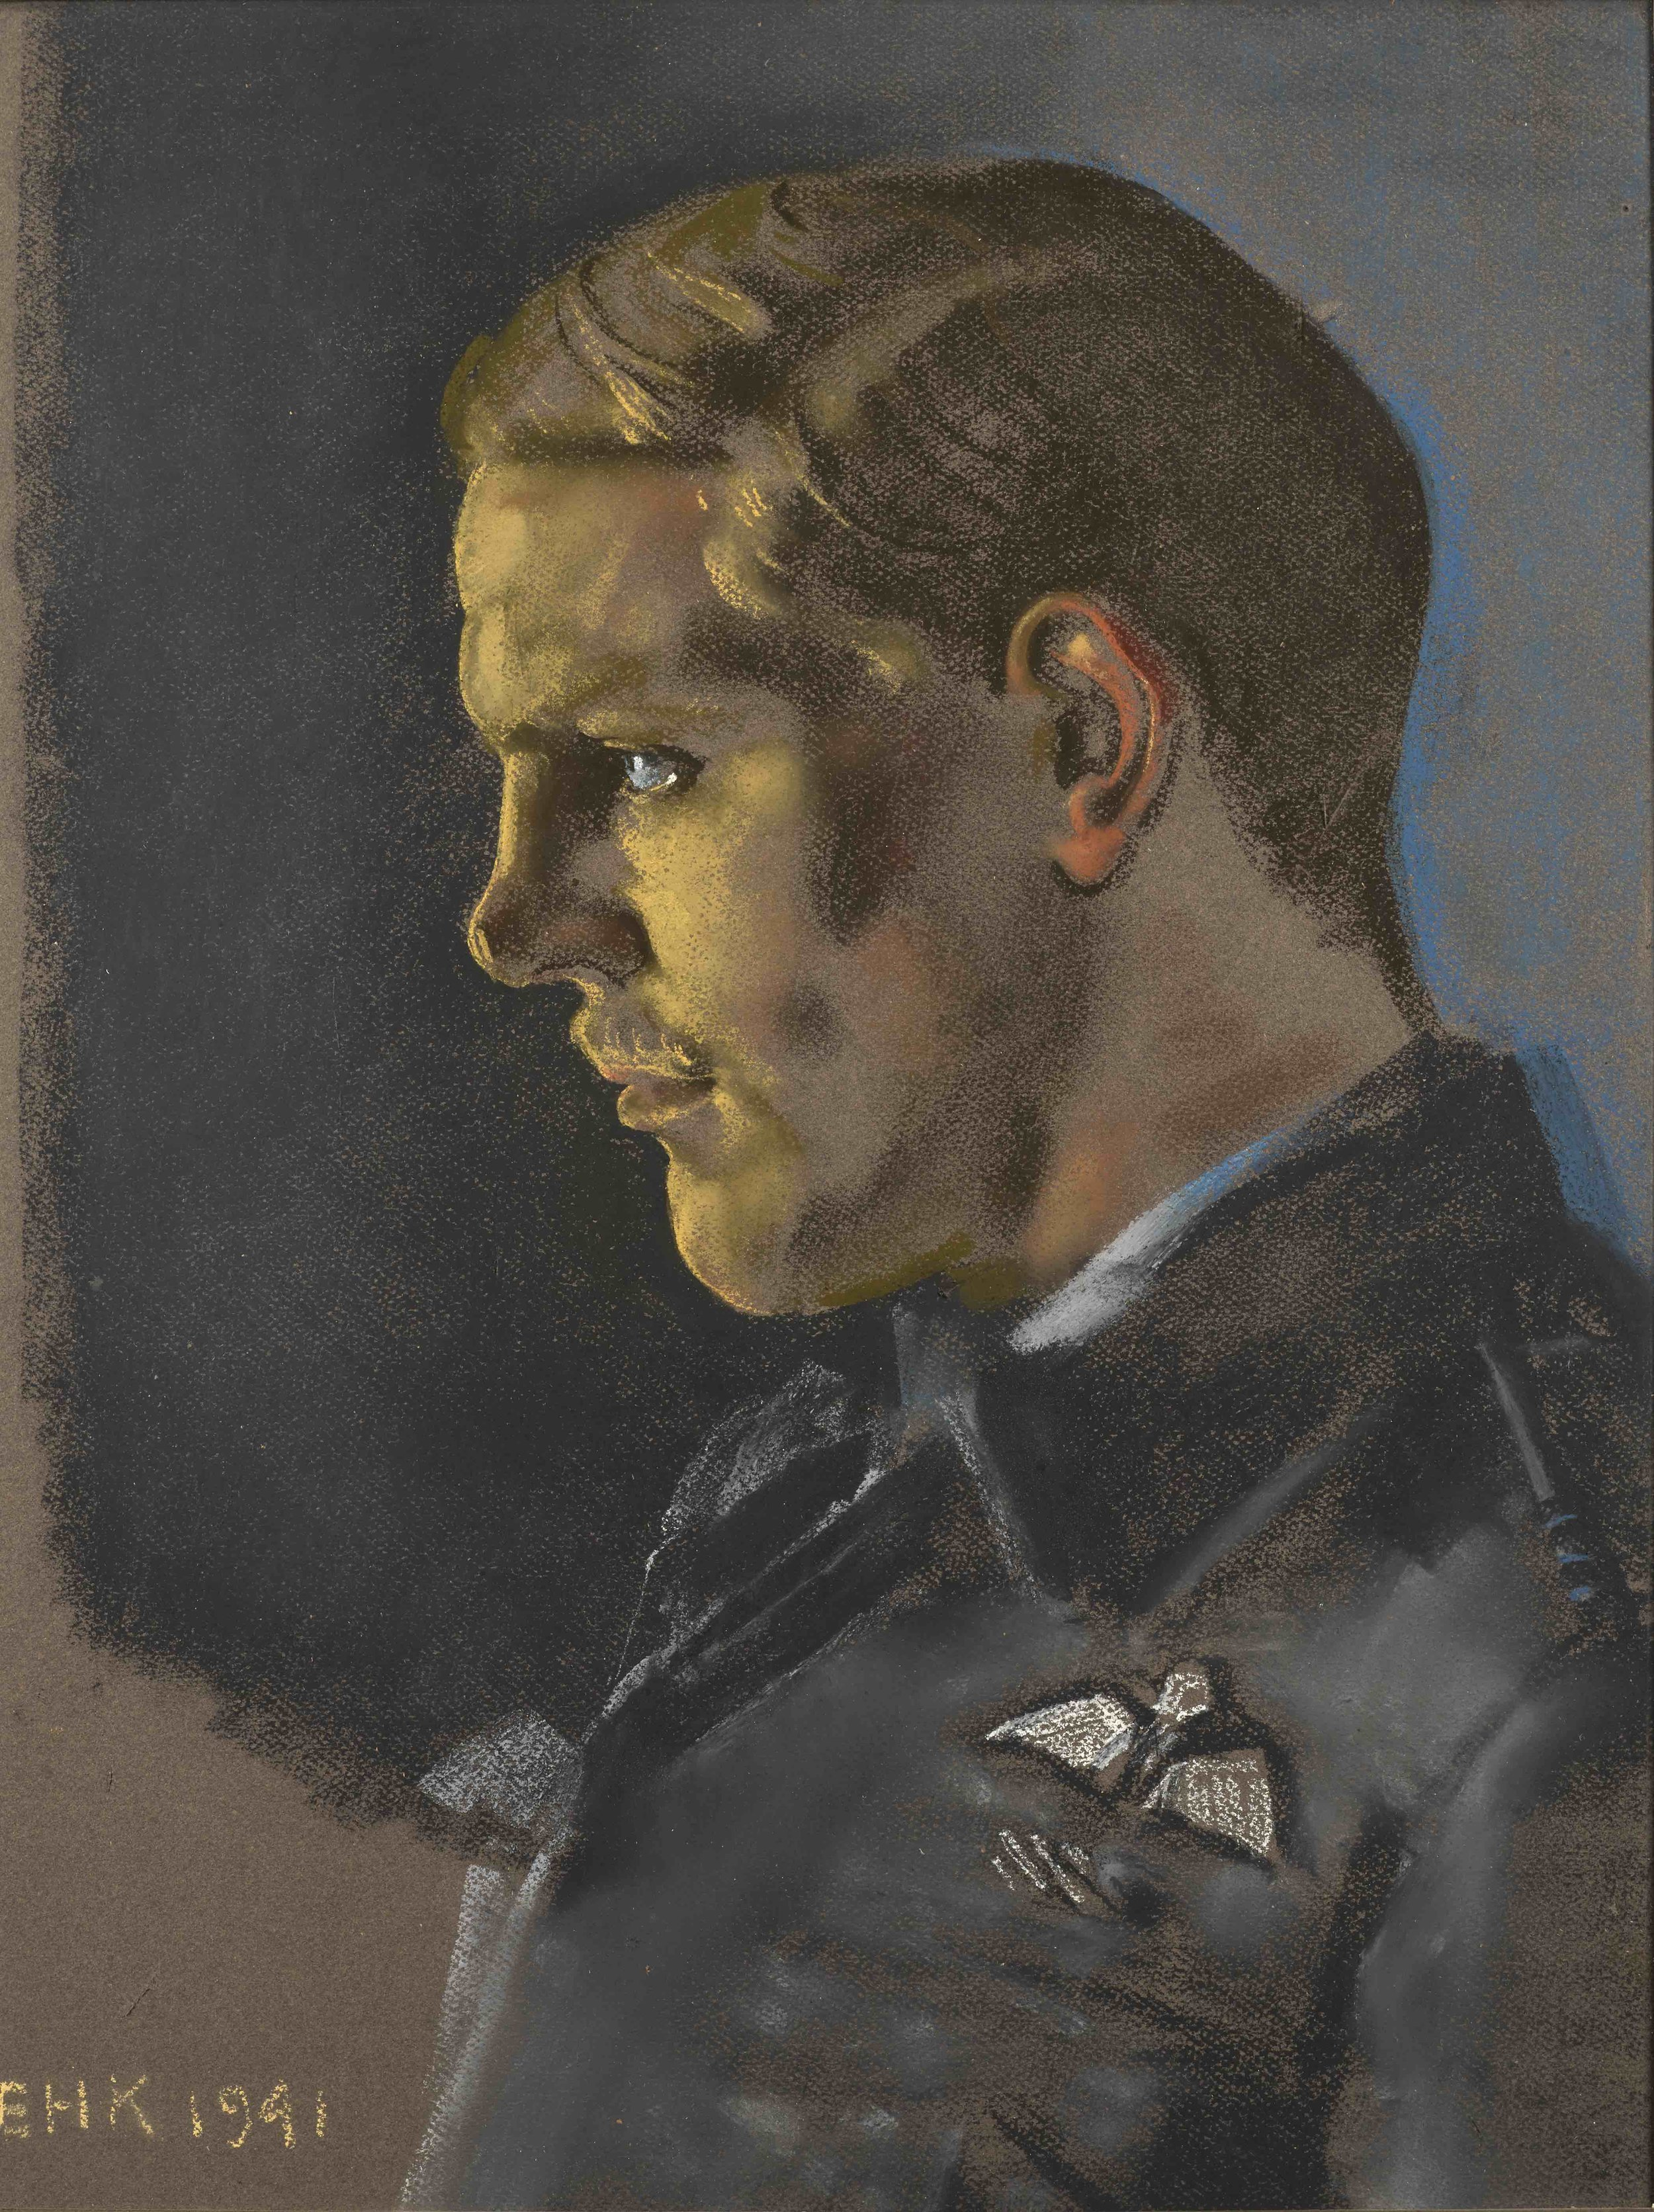 Eric Kennington (1888-1960) ,  The Great Escape: Squadron Leader Ian Pembroke Cross DFC , Pastel on paper, 57 x 43 cm